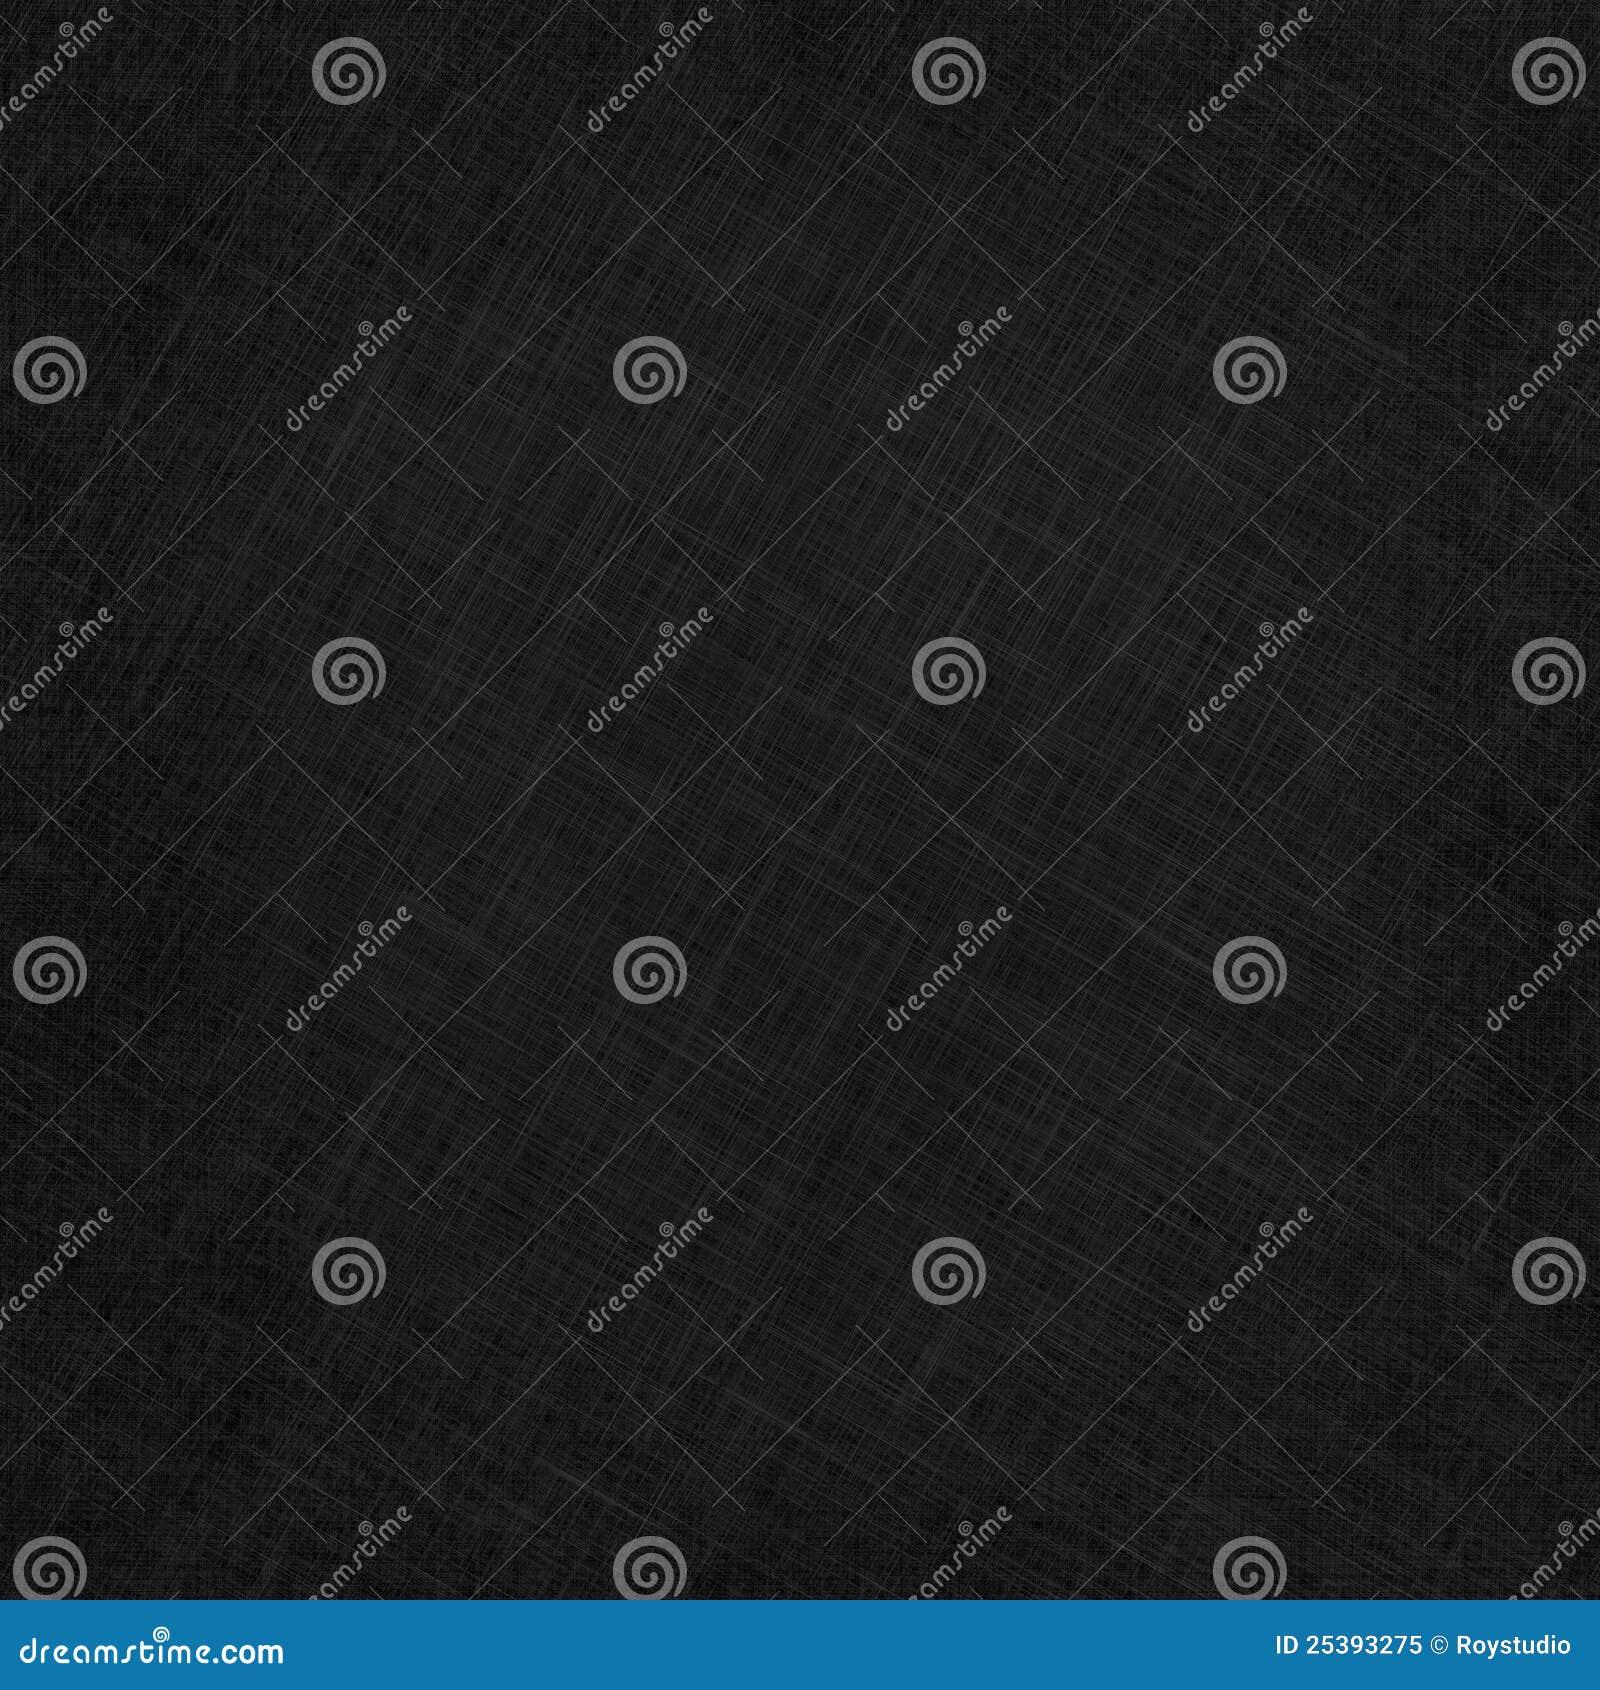 Rasterfeld-Hintergrundbeschaffenheit des schwarzen Segeltuches empfindliche